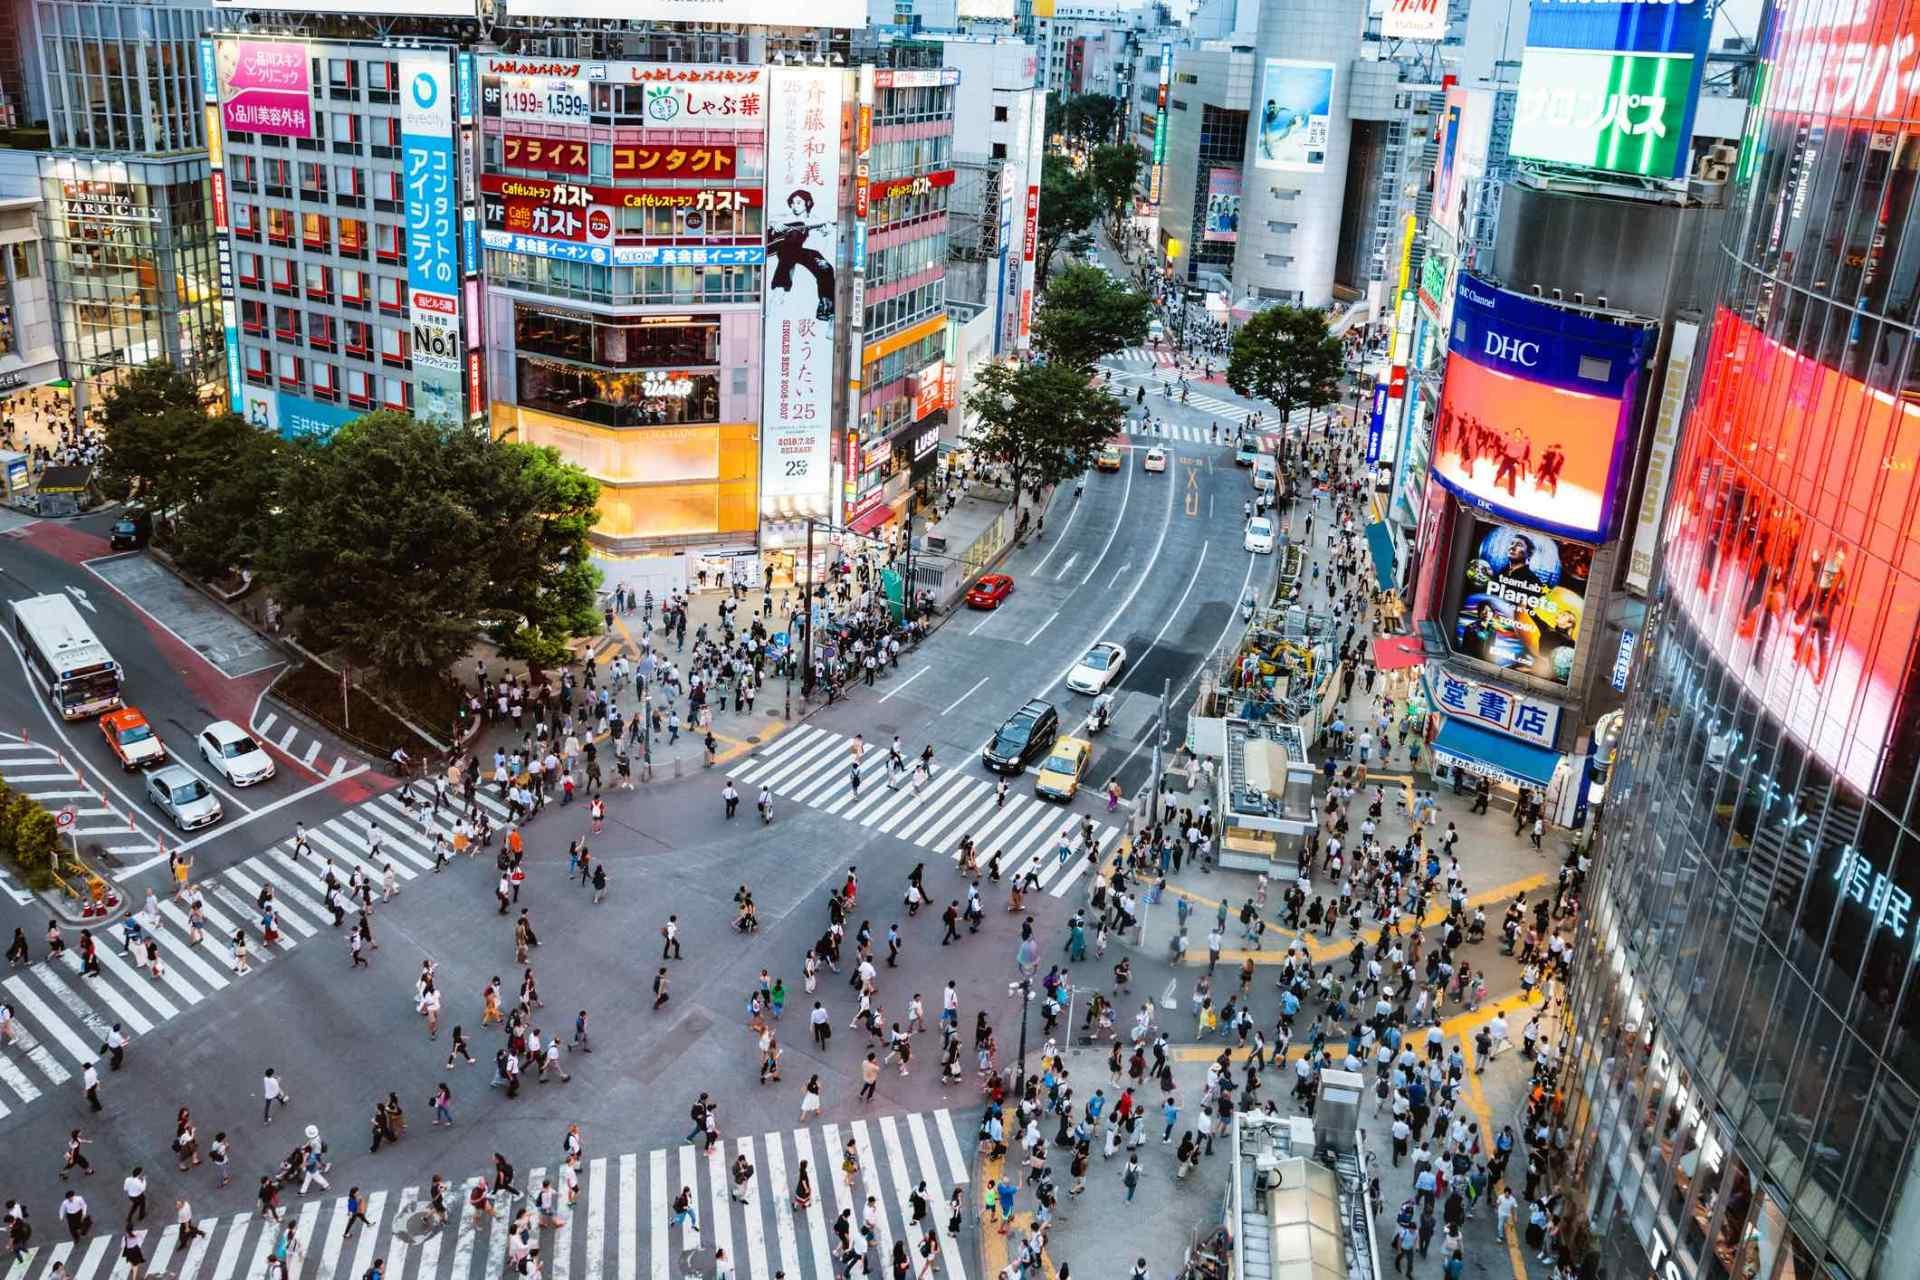 Barrados em Tóquio, turistas brasileiros mudam planos e cancelam viagem após bloqueio